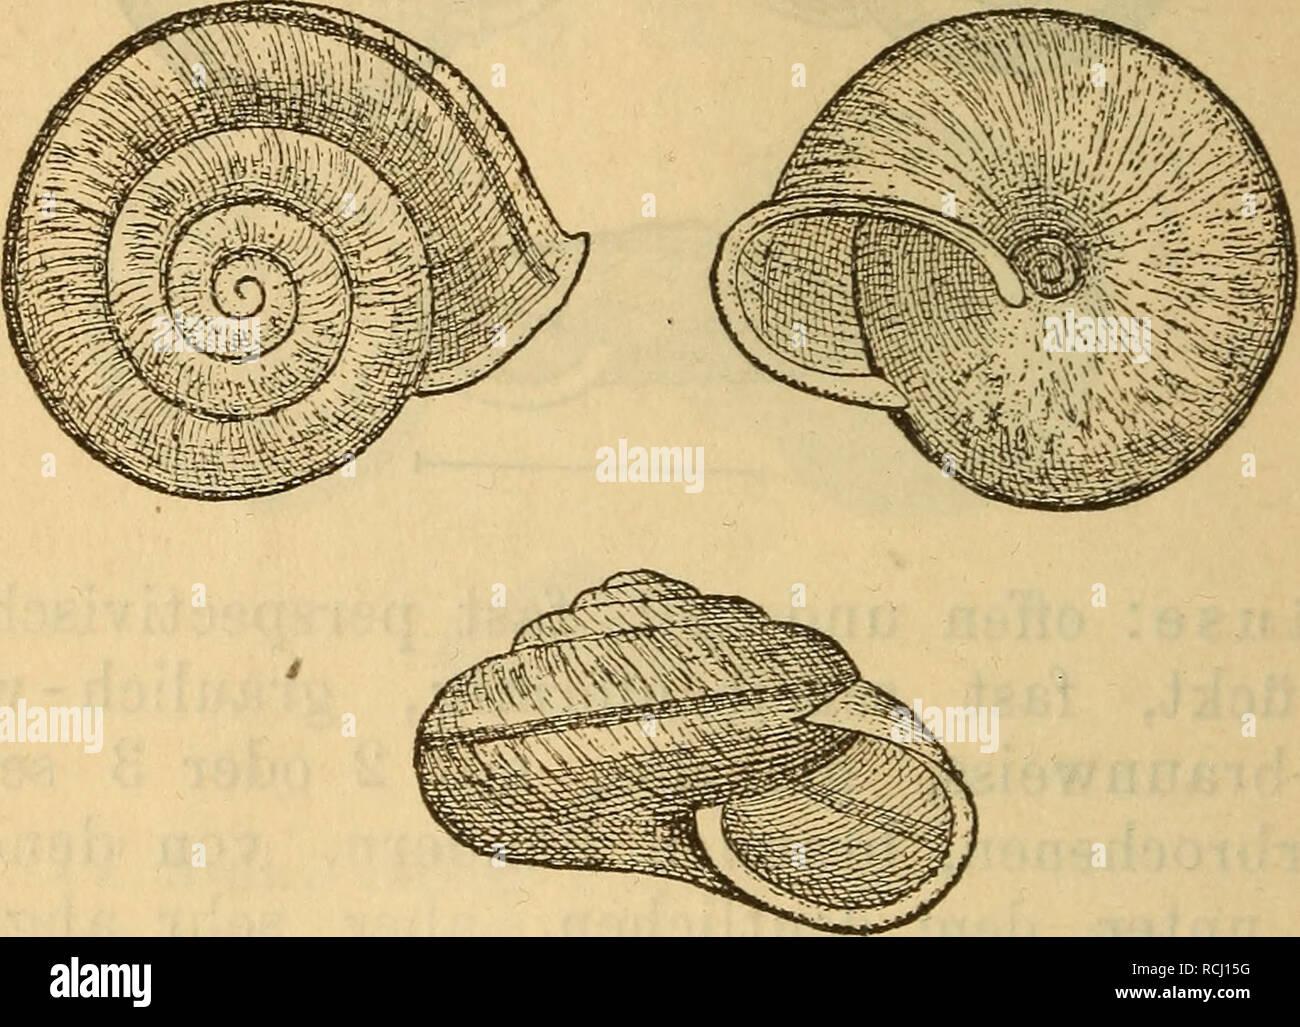 . Die Mollusken-Fauna Mitteleuropa's. Mollusks. 162 E. Formonkreis der Campylaea phalerata ZgL 16. Campylaea phalerata Ziegler. Helix phalerata Ziegl. in Rossm. Icon. f. 159. Thier: graugelb, Kopf; Fühler und Rücken dunkel- gelblichgrau. Fig. 74.. Gehäuse: offen genabelt, gewölbt-scheibenförmig, zu- weilen gedrückt-kugelig, braungelb, braun gesprengelt, nicht selten fast ohne diese Sprengein; in einer breiten, weiss- lichen Zone läuft genau auf der Mitte des letzten Umganges ein ziemlich schmales, schwarzbraunes, scharf begrenztes Band, welches auf den übrigen Umgängen von der Naht verdeckt wi Stock Photo